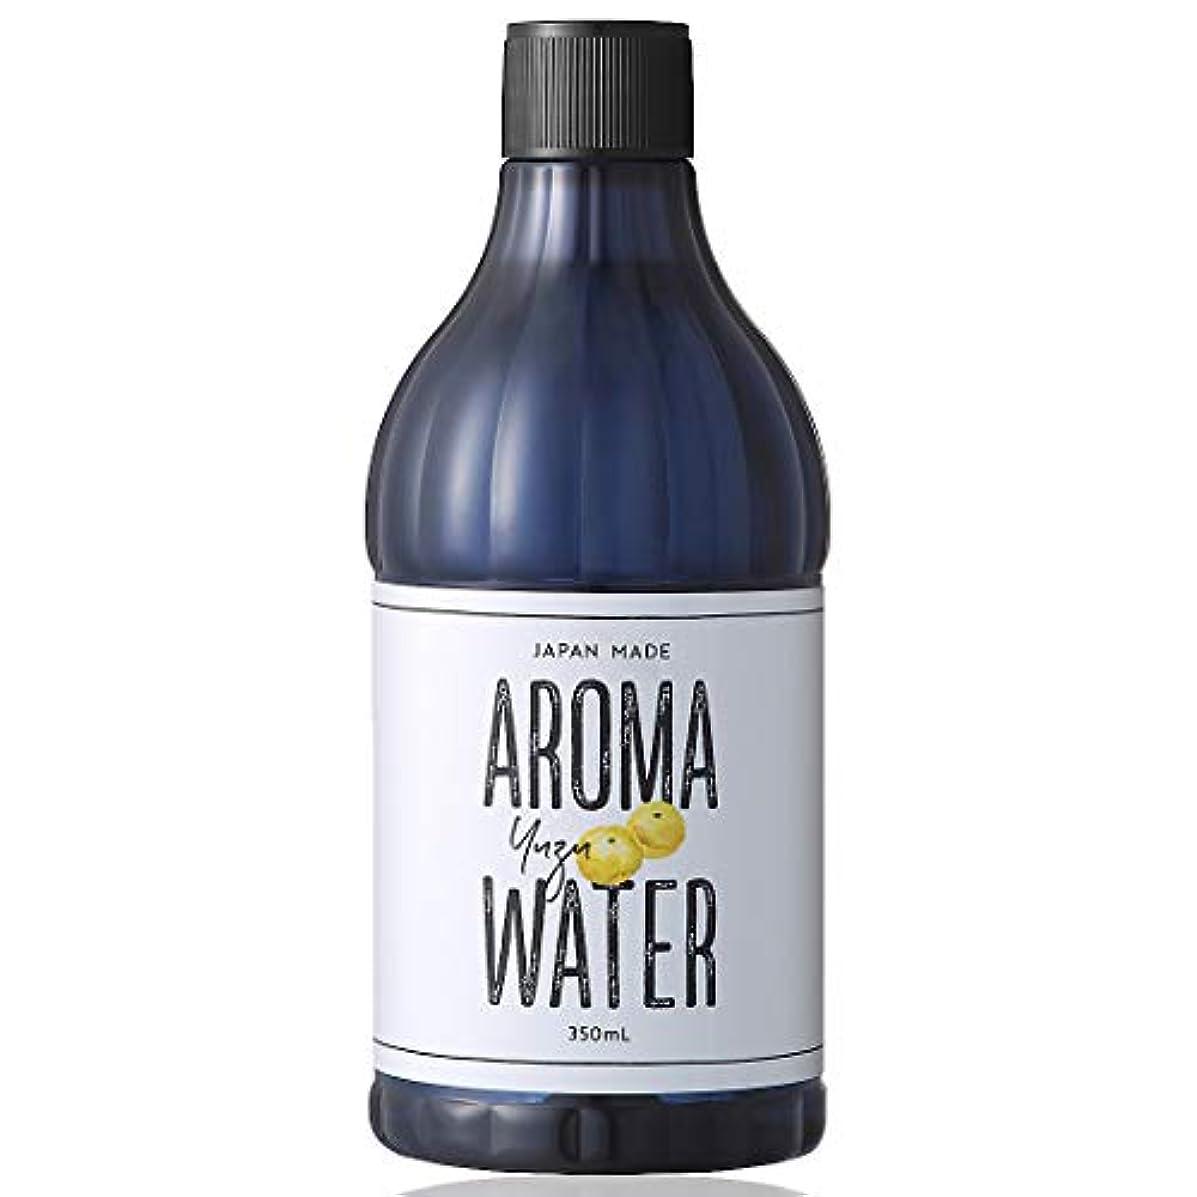 海洋関与する評価するデイリーアロマジャパン アロマウォーター 加湿器用 350ml 日本製 アロマ水 精油 配合 水溶性 アロマ - ユズ